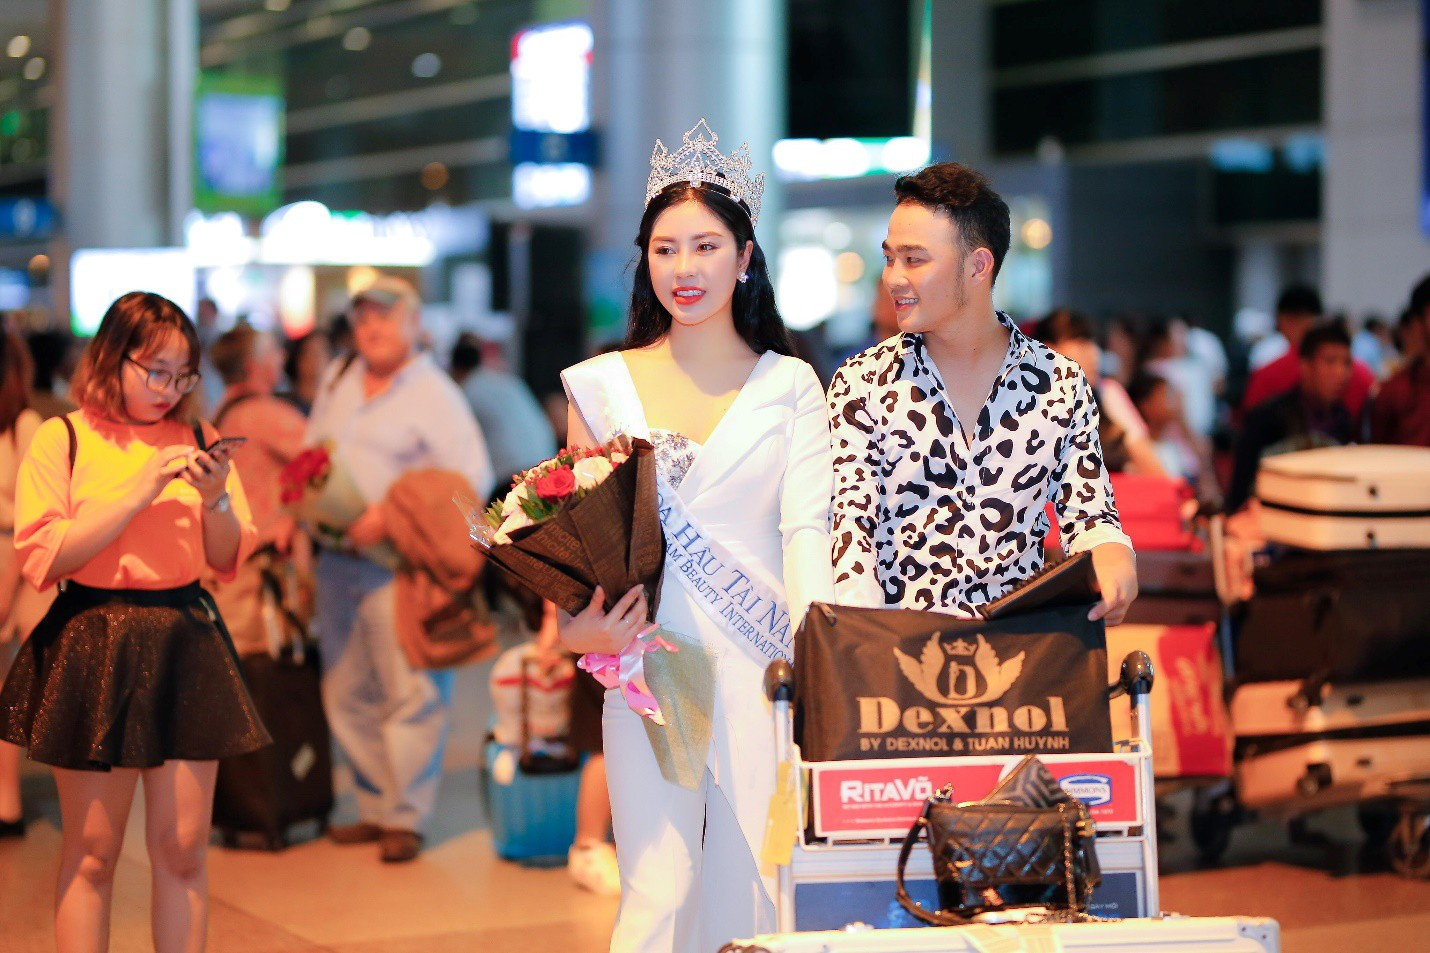 """Tô Diệp Hà đoạt giải """"Hoa hậu tài năng"""" tại Ms Vietnam Beauty International Pageant 2018 - Ảnh 4."""